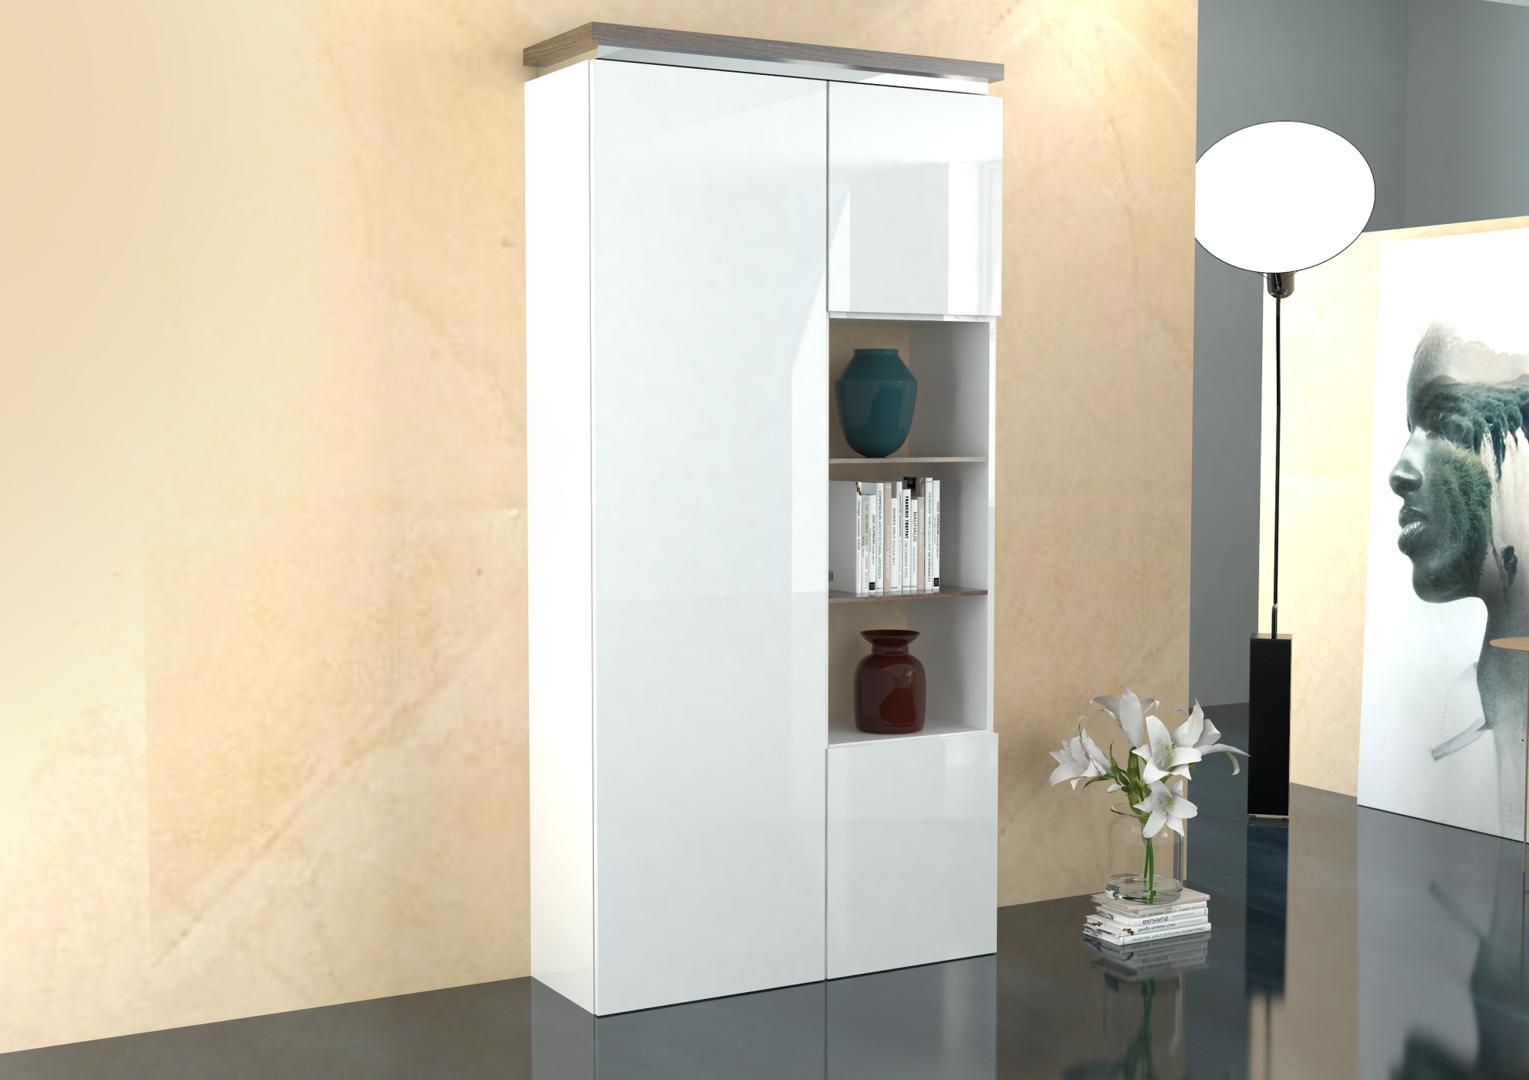 Credenza moderna messico, mobile soggiorno sala da pranzo bianco